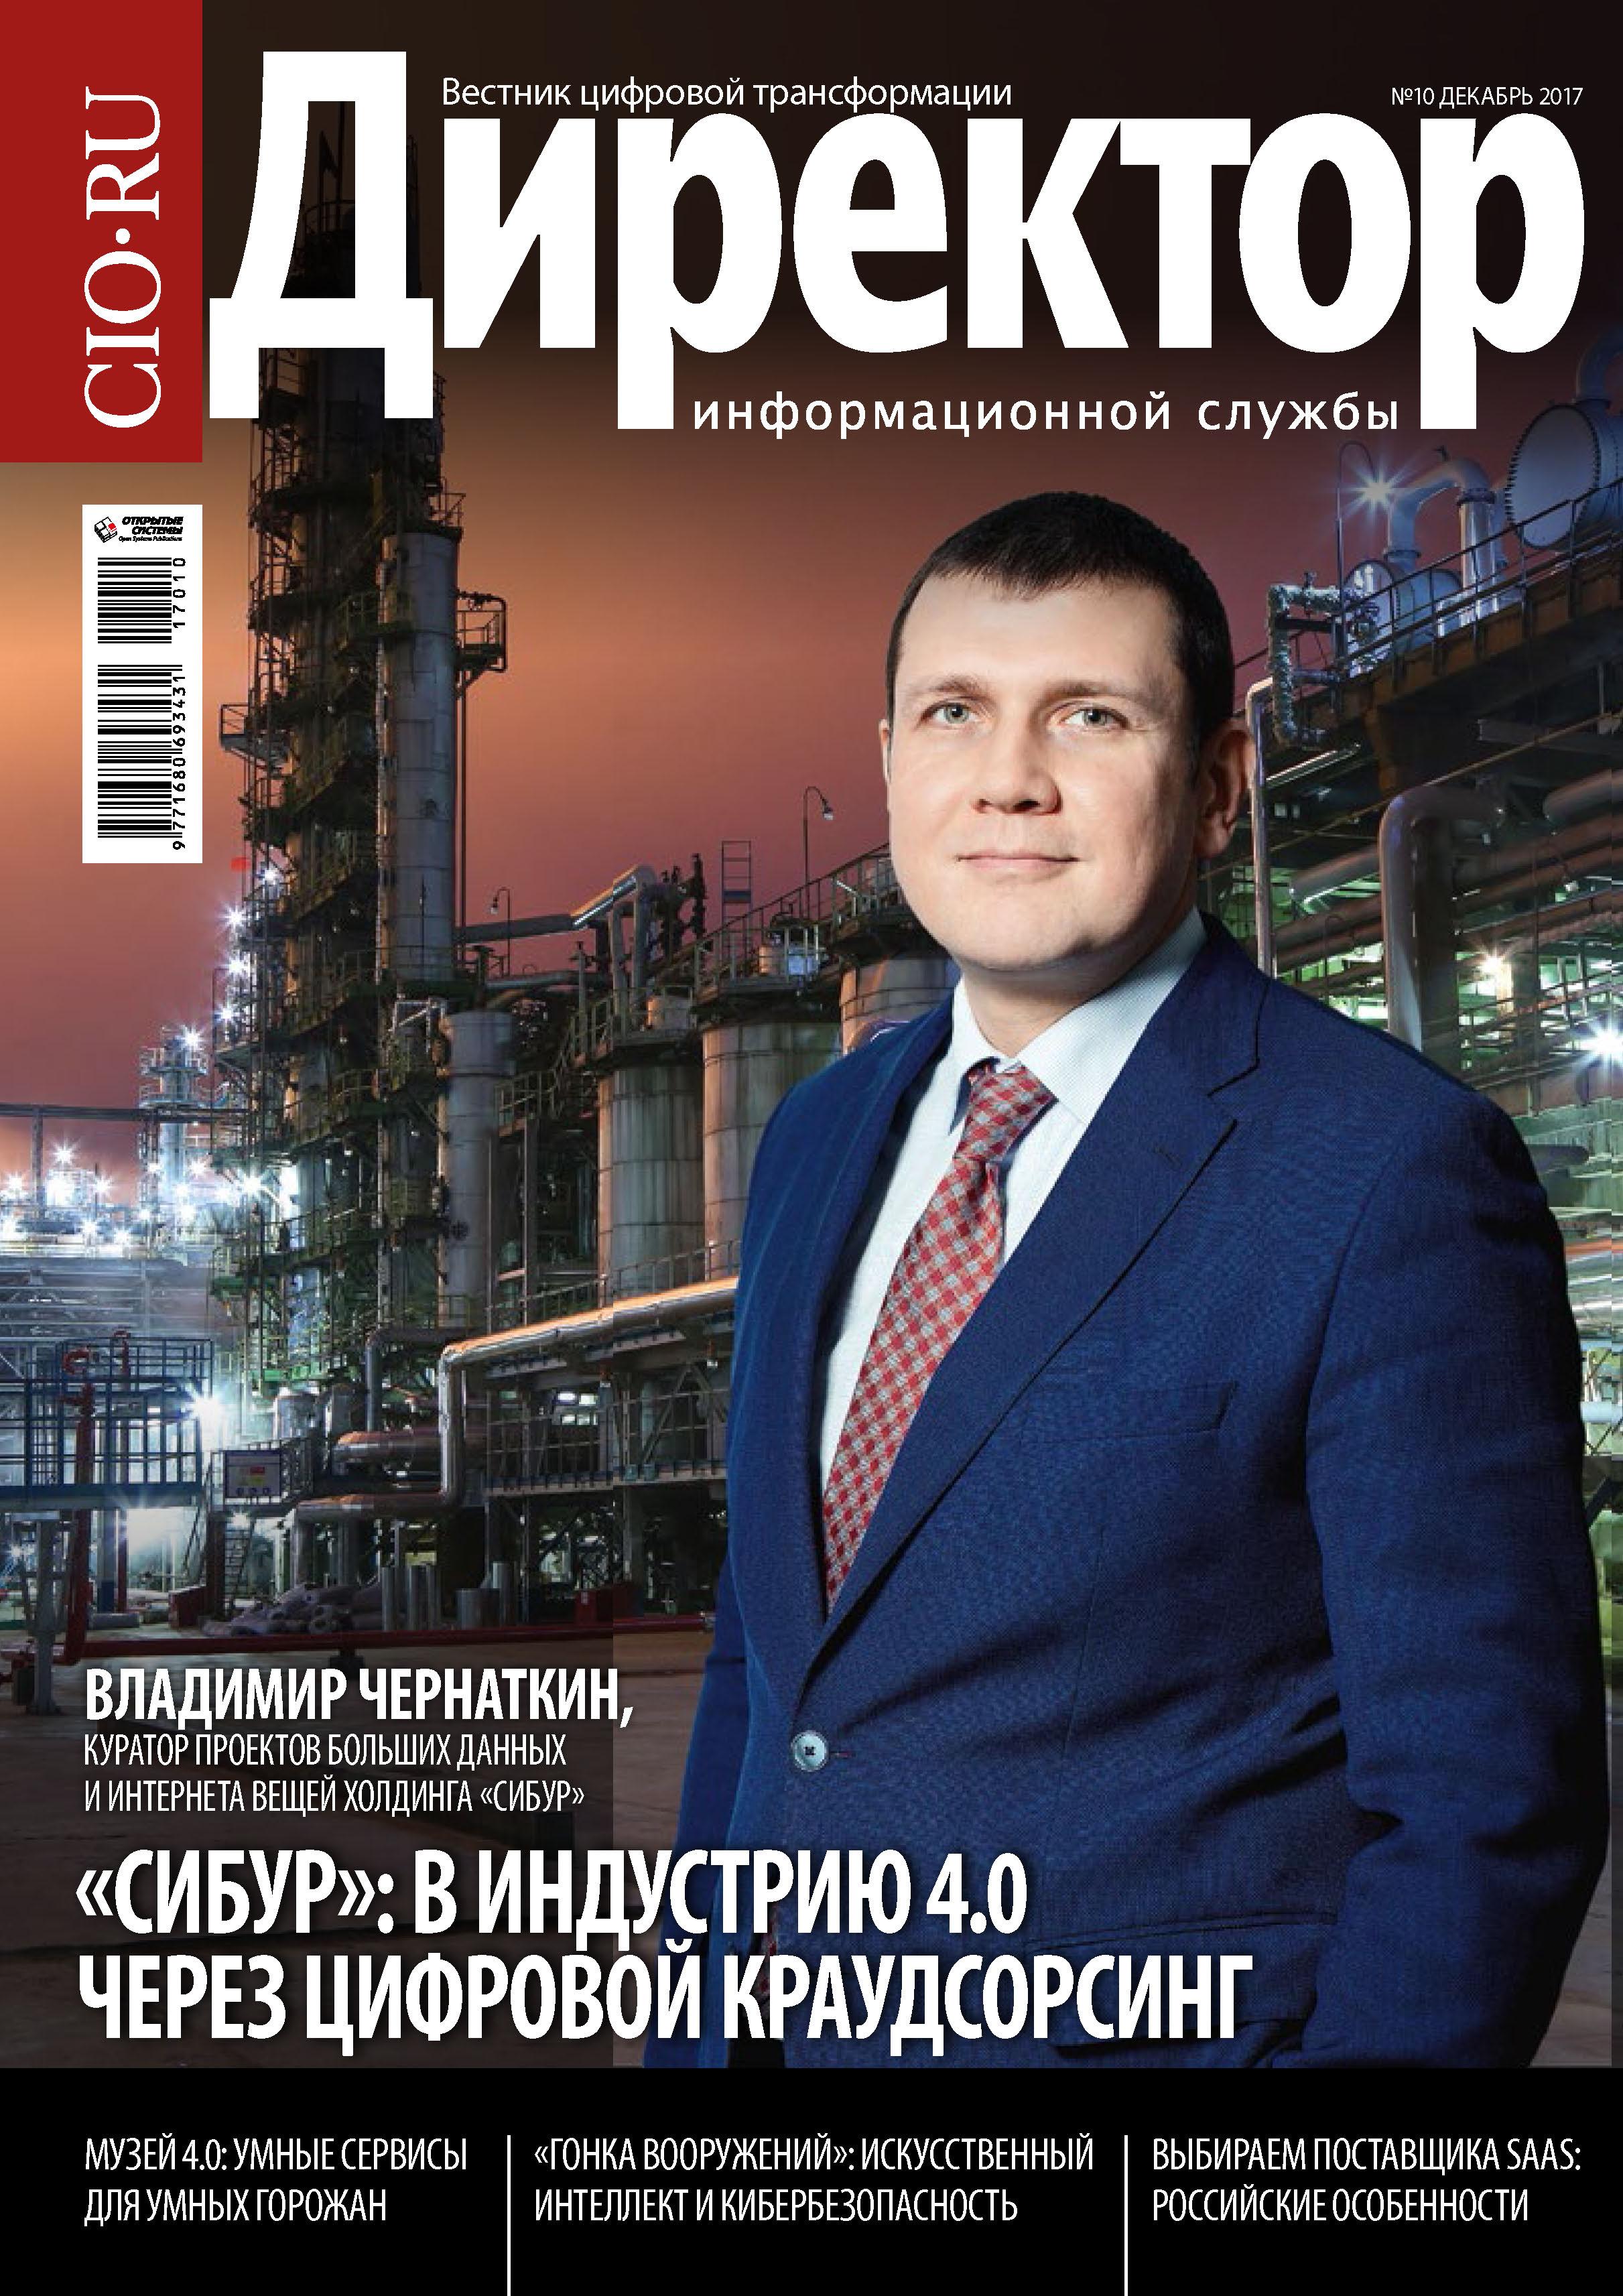 Открытые системы Директор информационной службы №10/2017